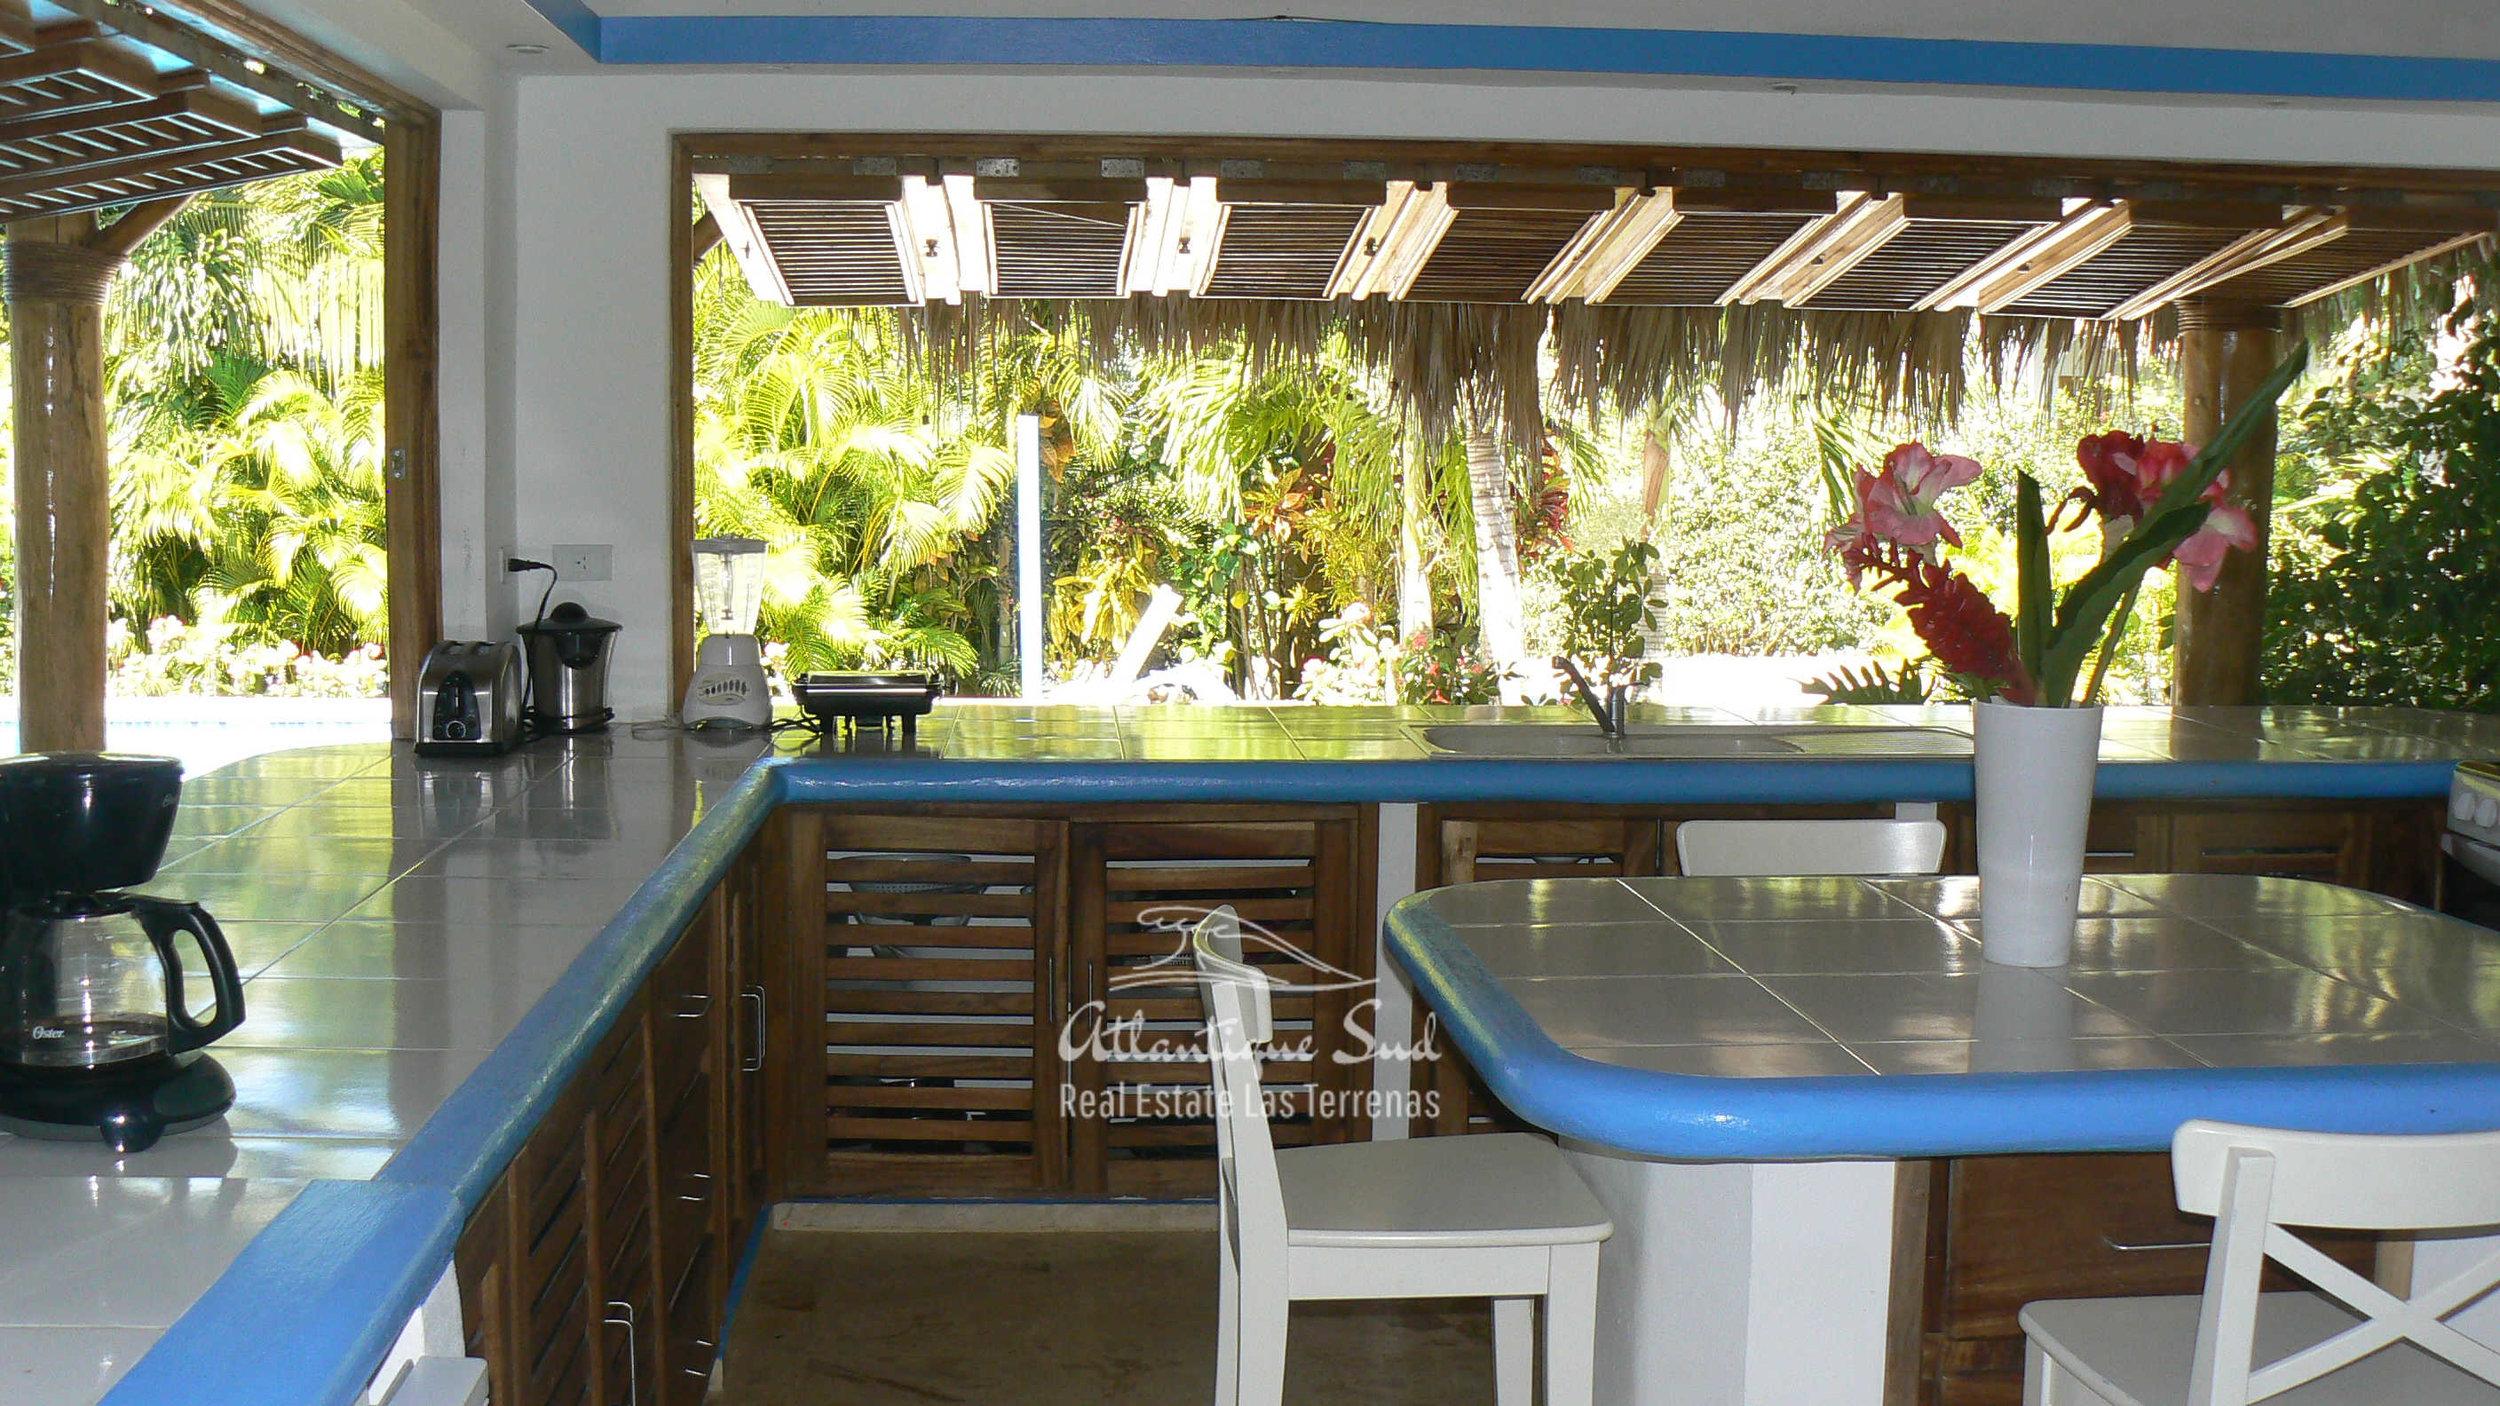 Villa in los nomadas for sale Las Terrenas DR 20.jpg